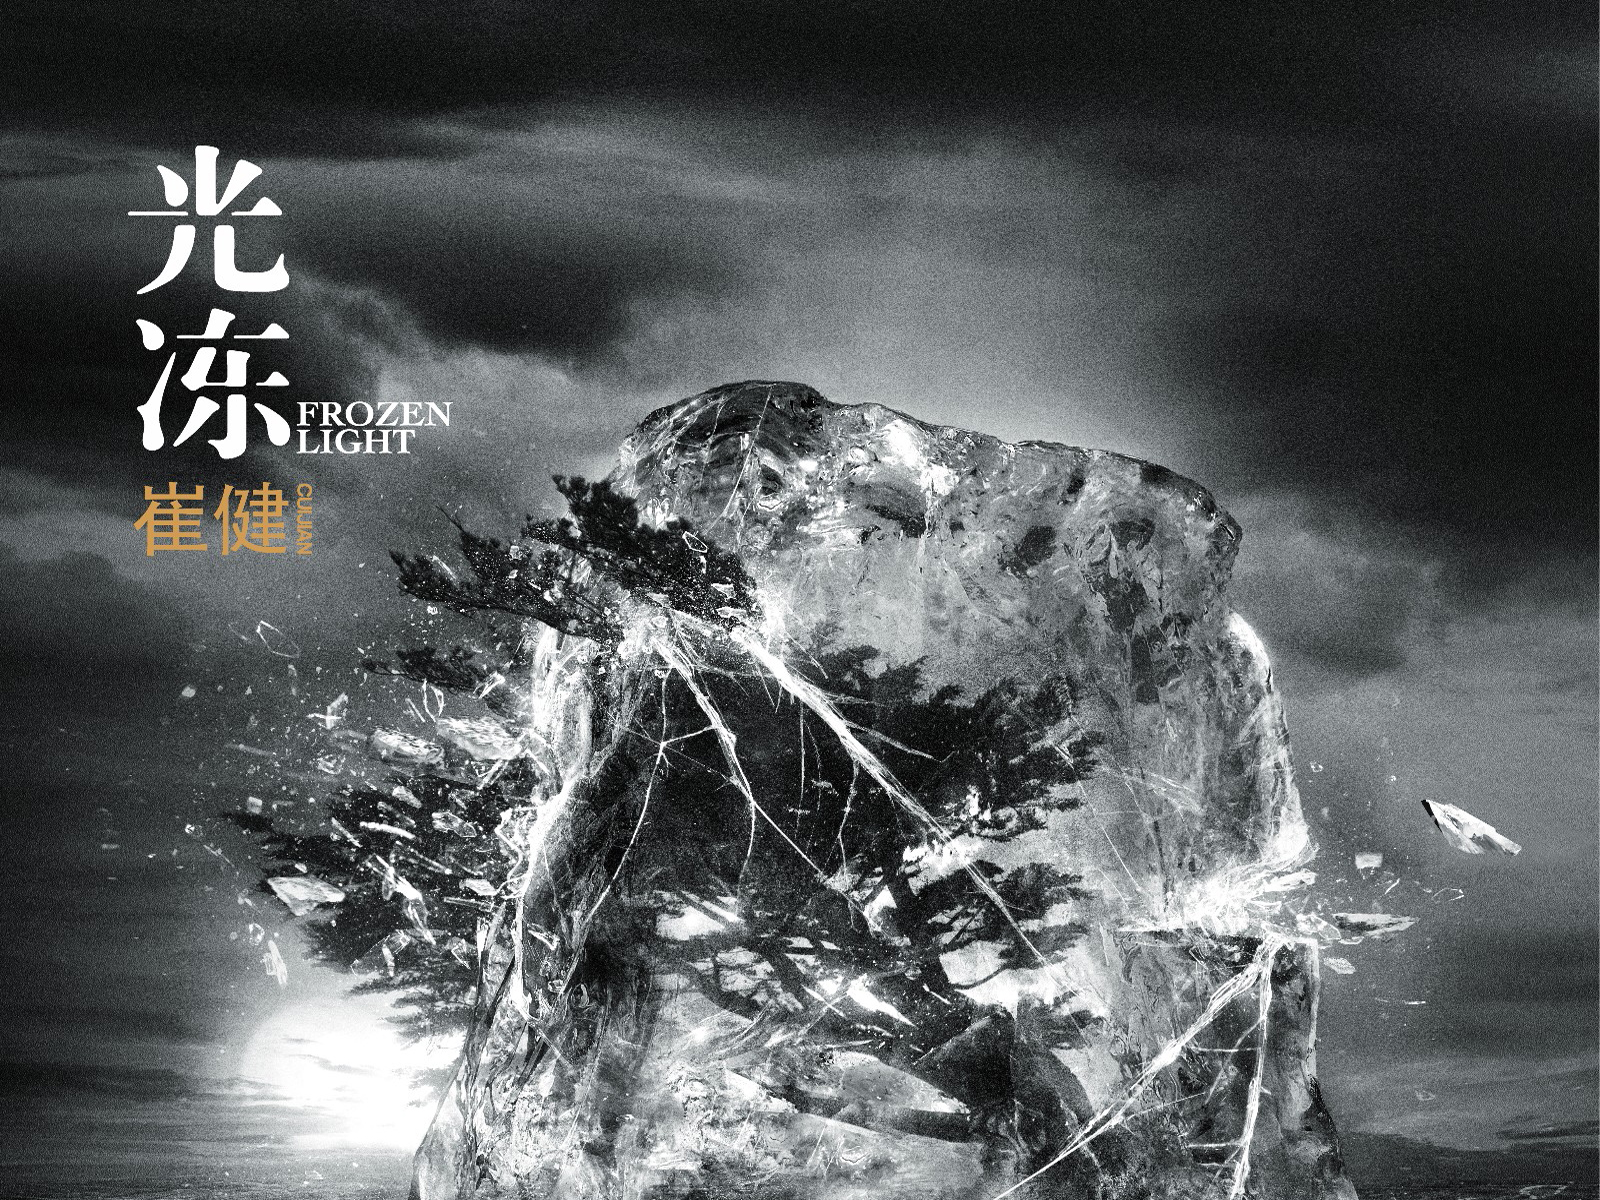 2016年《光冻》专辑封面